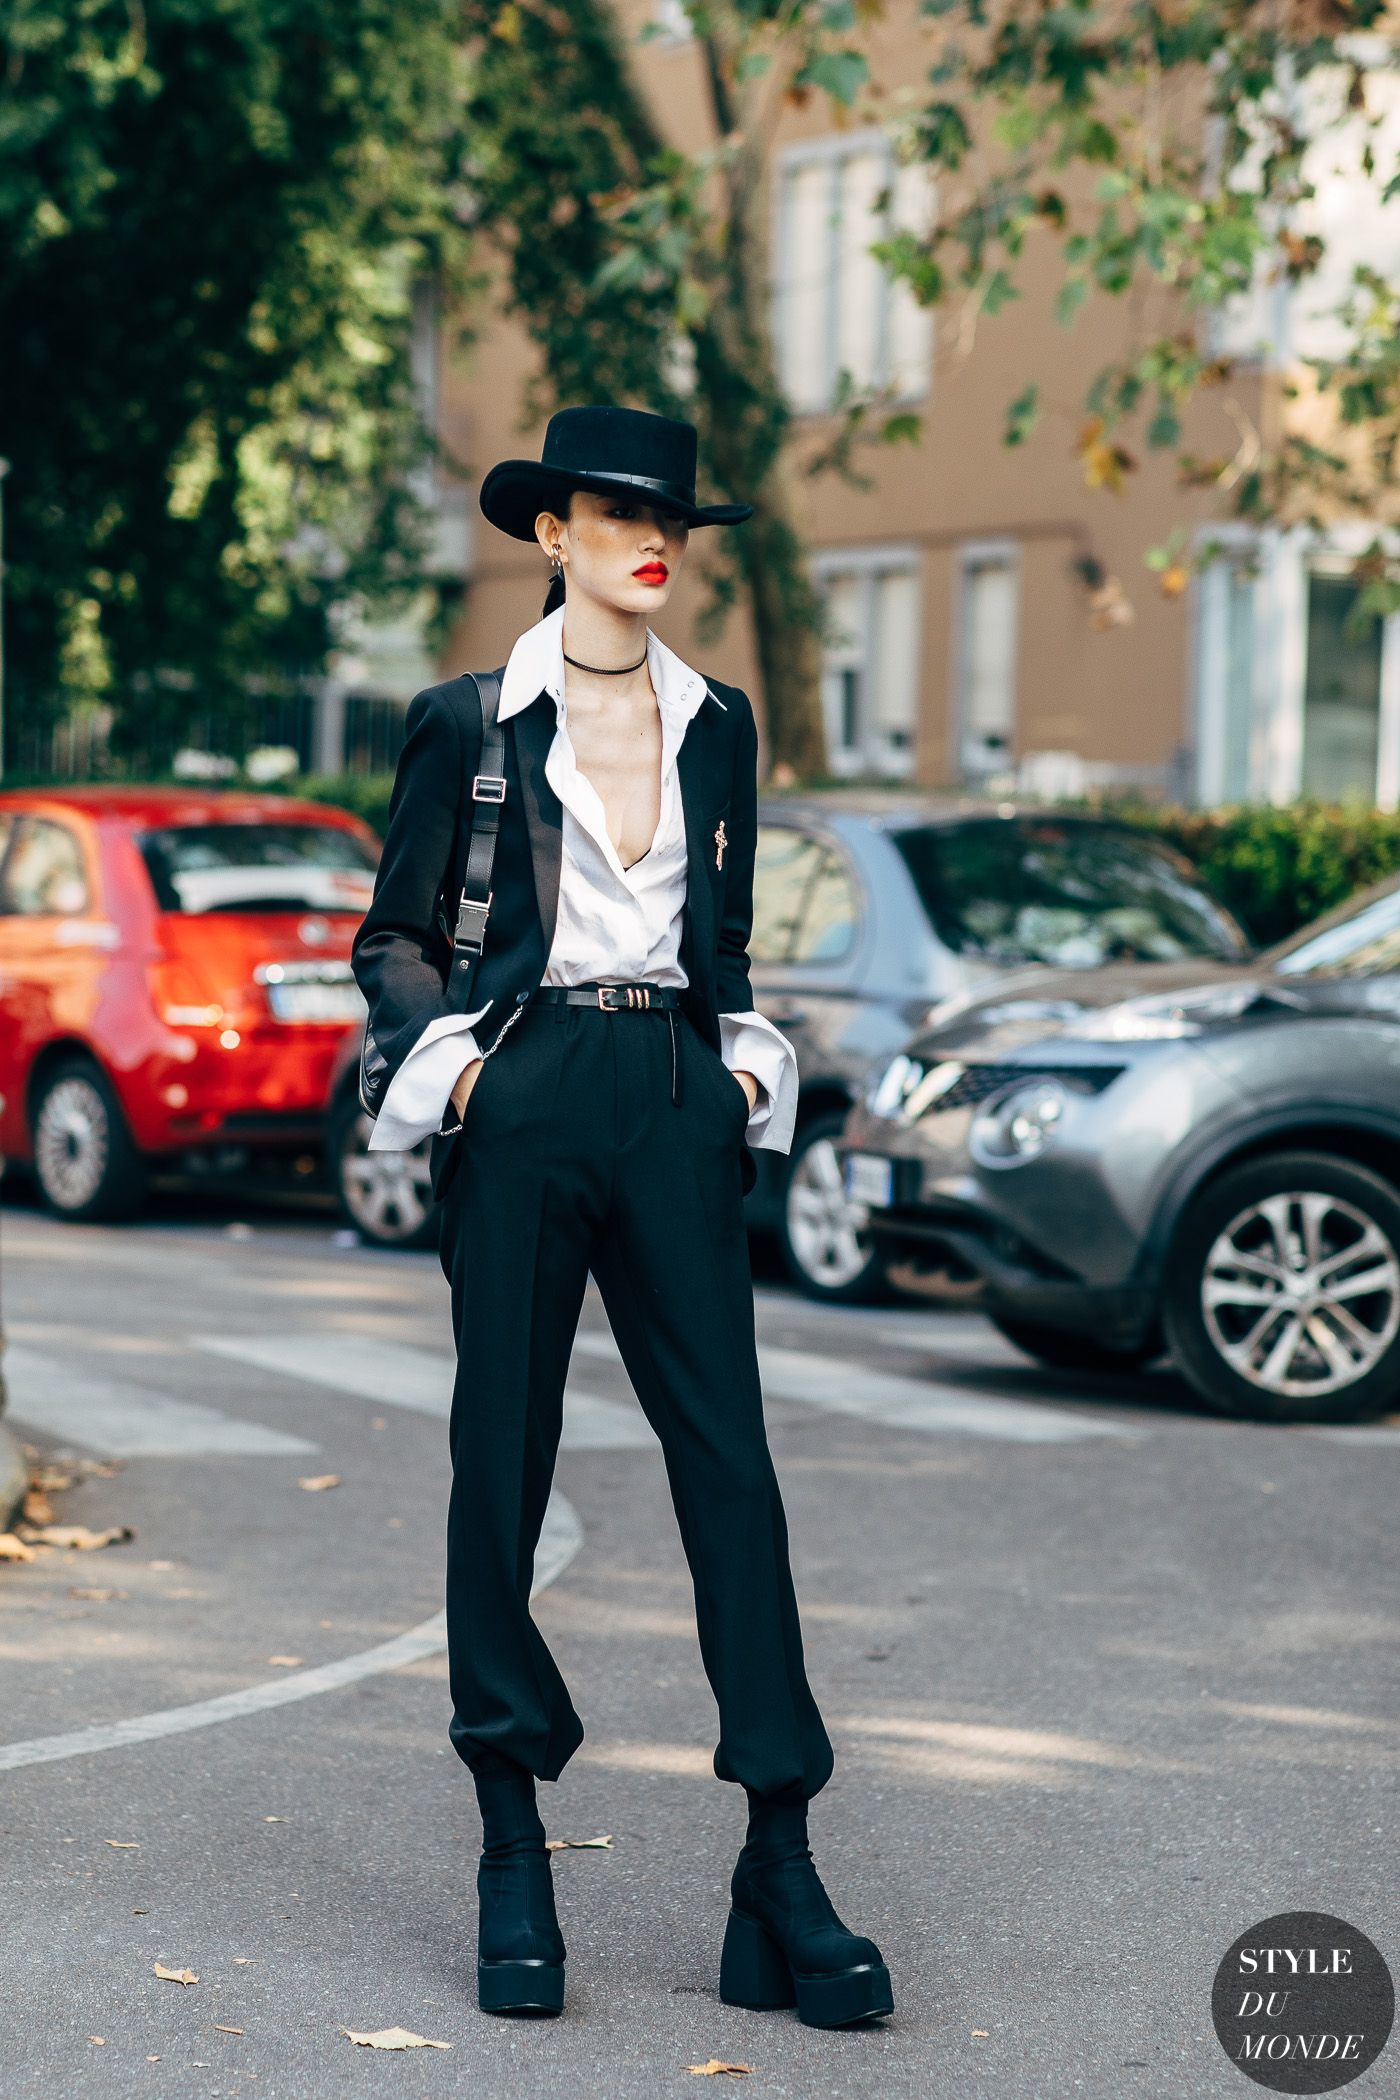 Milan SS 2019 Street Style: Sora Choi #asymmetrischerschnitt